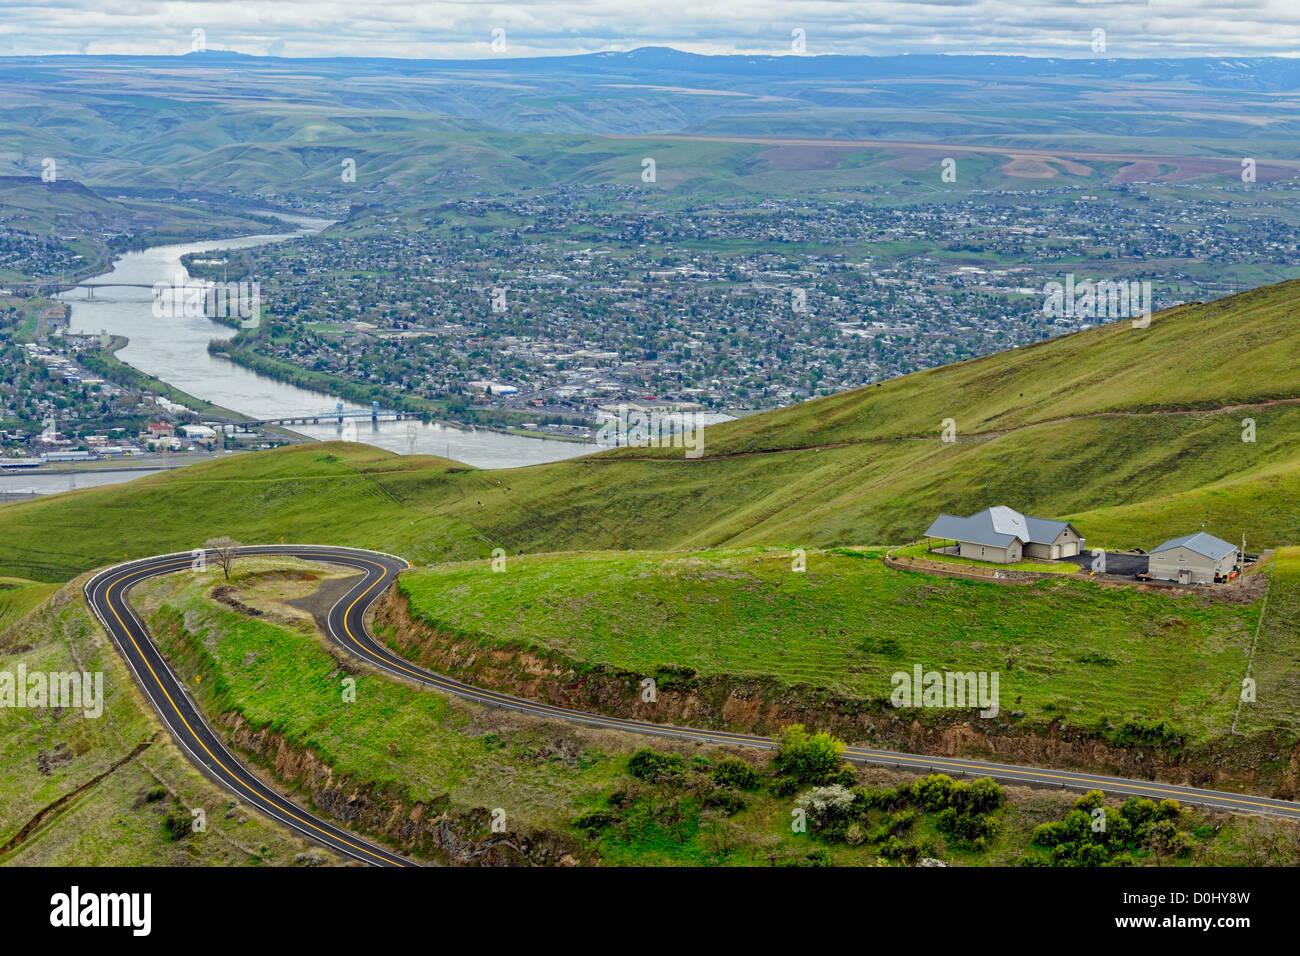 El Río Snake con Lewiston (ID) y Clarkston (WA) desde la colina, Lewiston Lewiston (colina), Idaho, EE.UU. Imagen De Stock